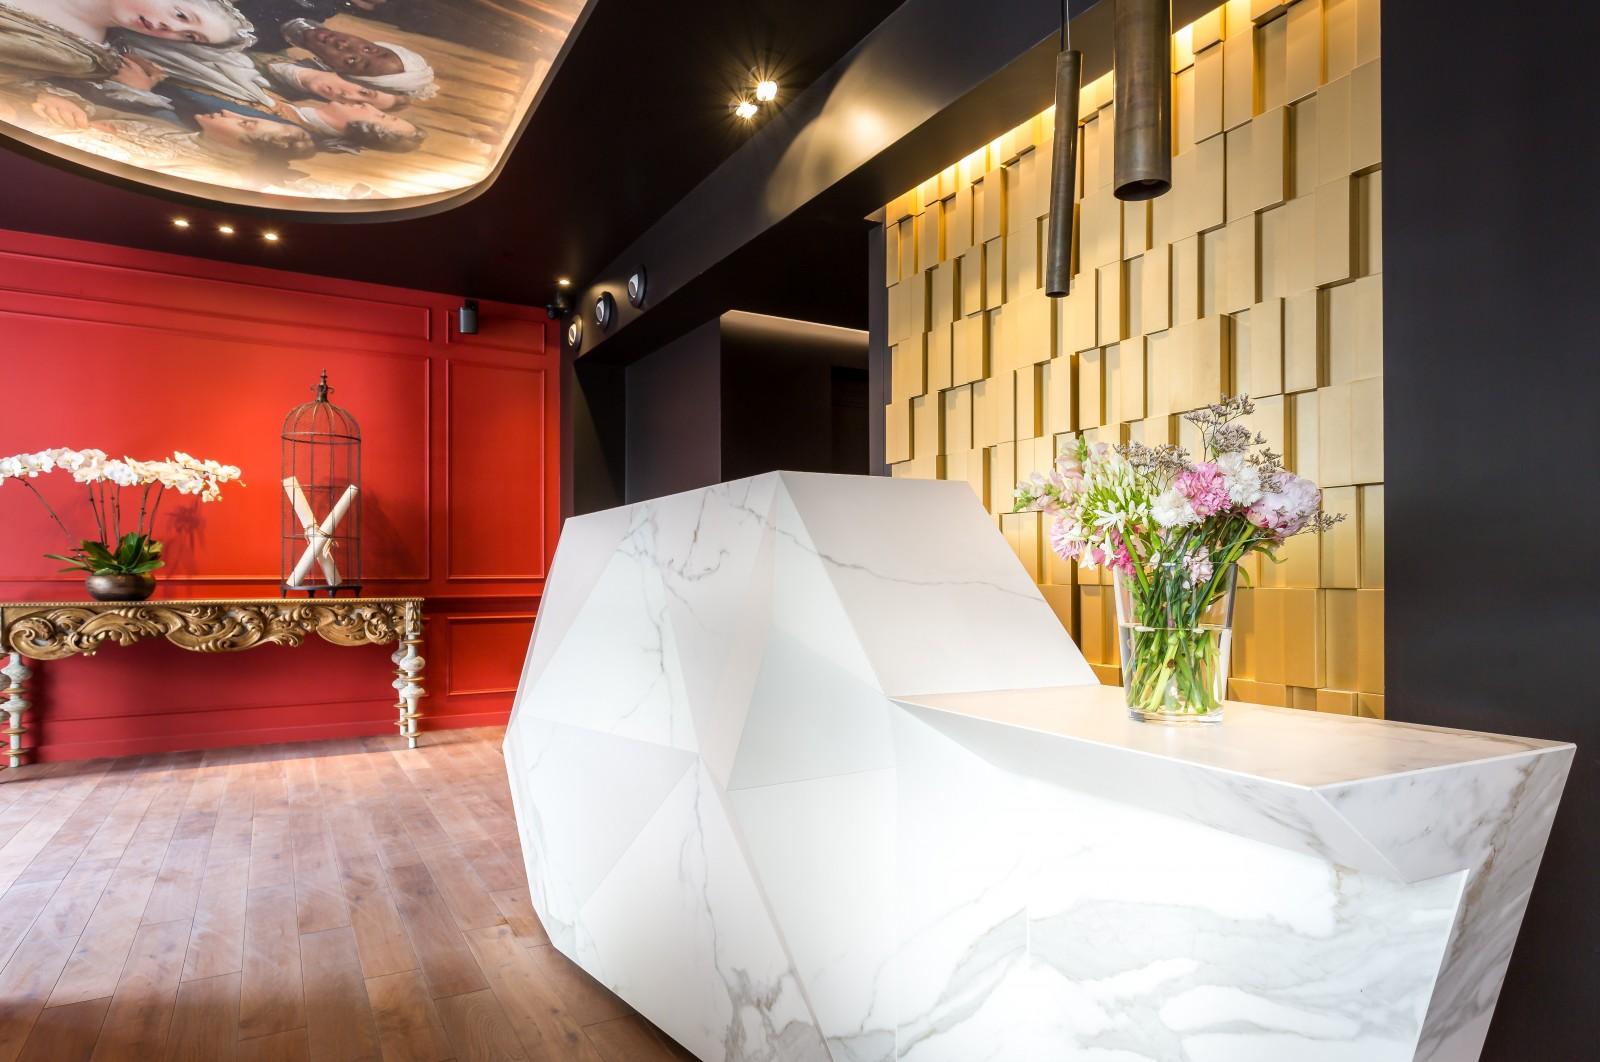 Hotel La Comtesse - Paris Eiffel Tower Hotel - Paris Fashion Week 2018 - best hotels in paris - paris men's - paris haute couture 2018 - hotels near the eiffel tower - boutique hotels paris - la comtesse cafe - best designed hotels in paris - most beautiful hotels in paris